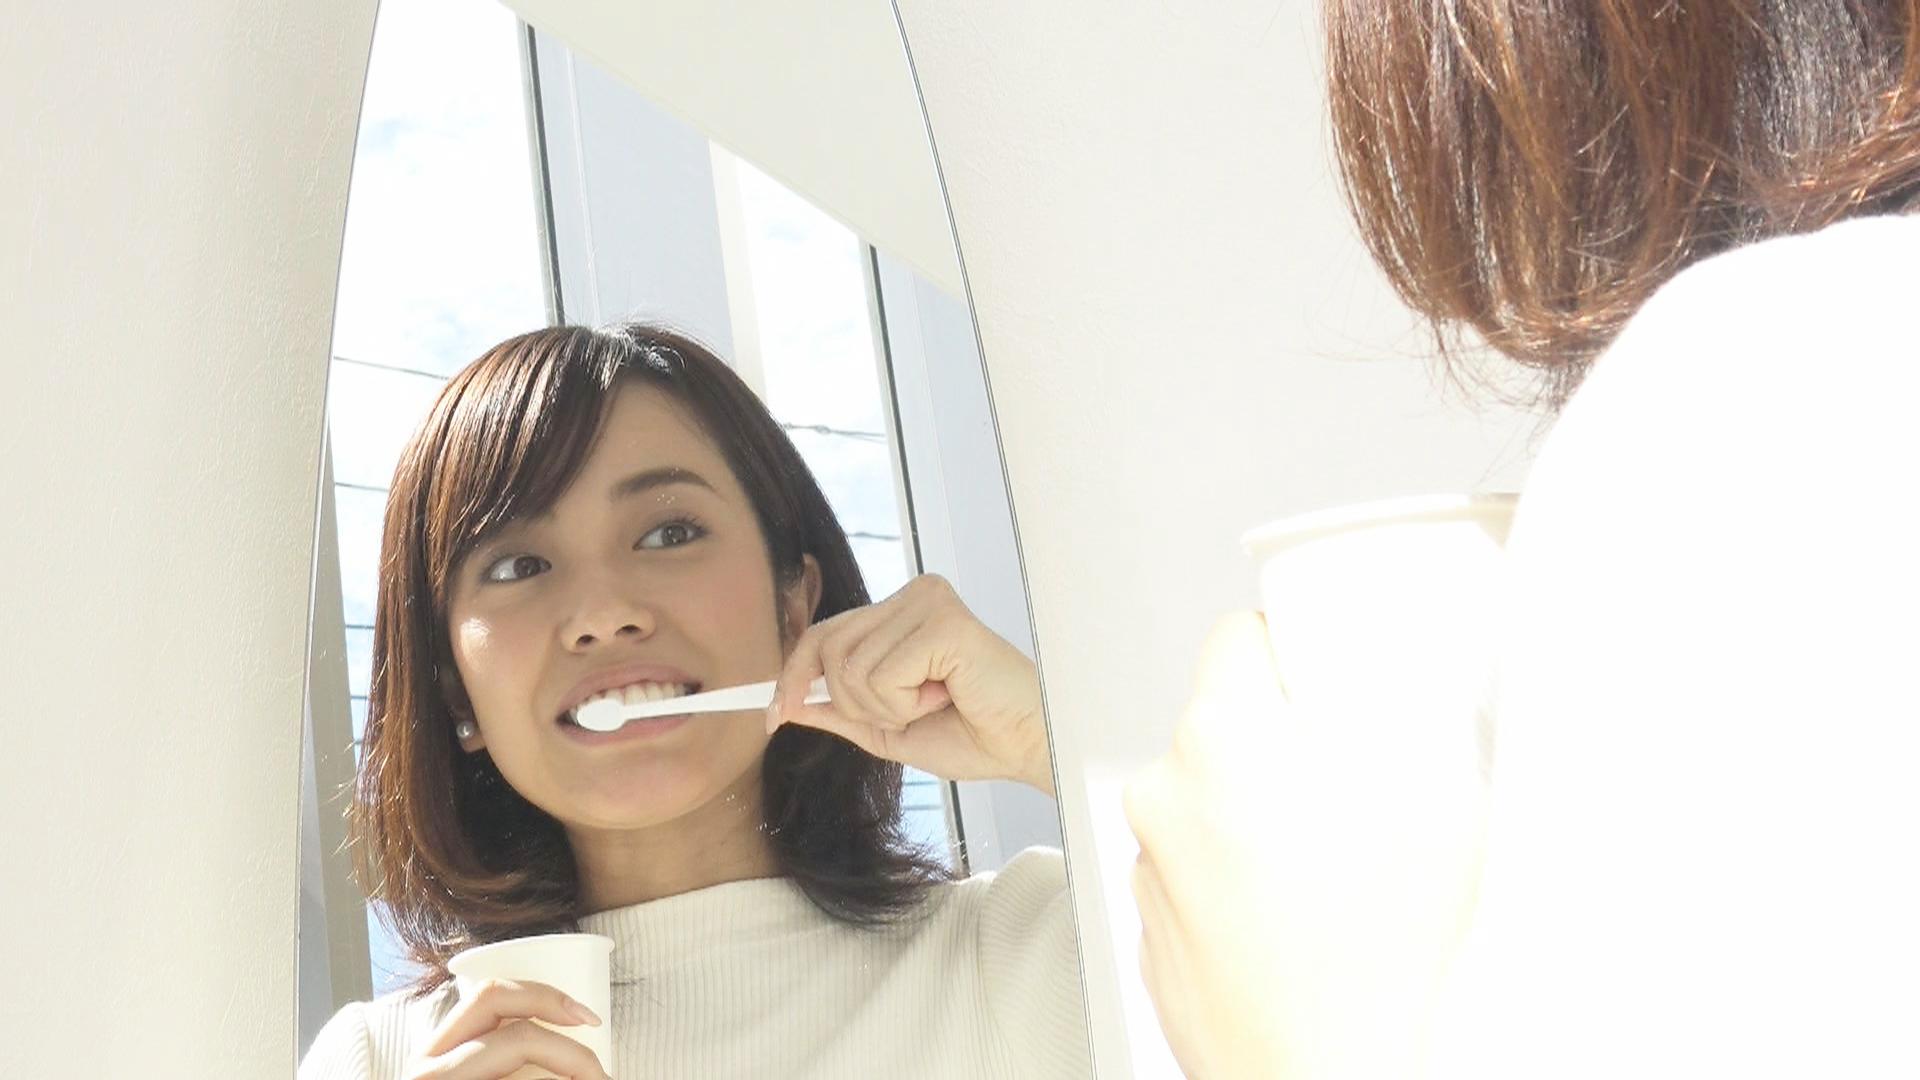 セルフホワイトニング(美歯口)/サービスの流れ ~Cenbless 成増フェイシャル&ネイルサロン